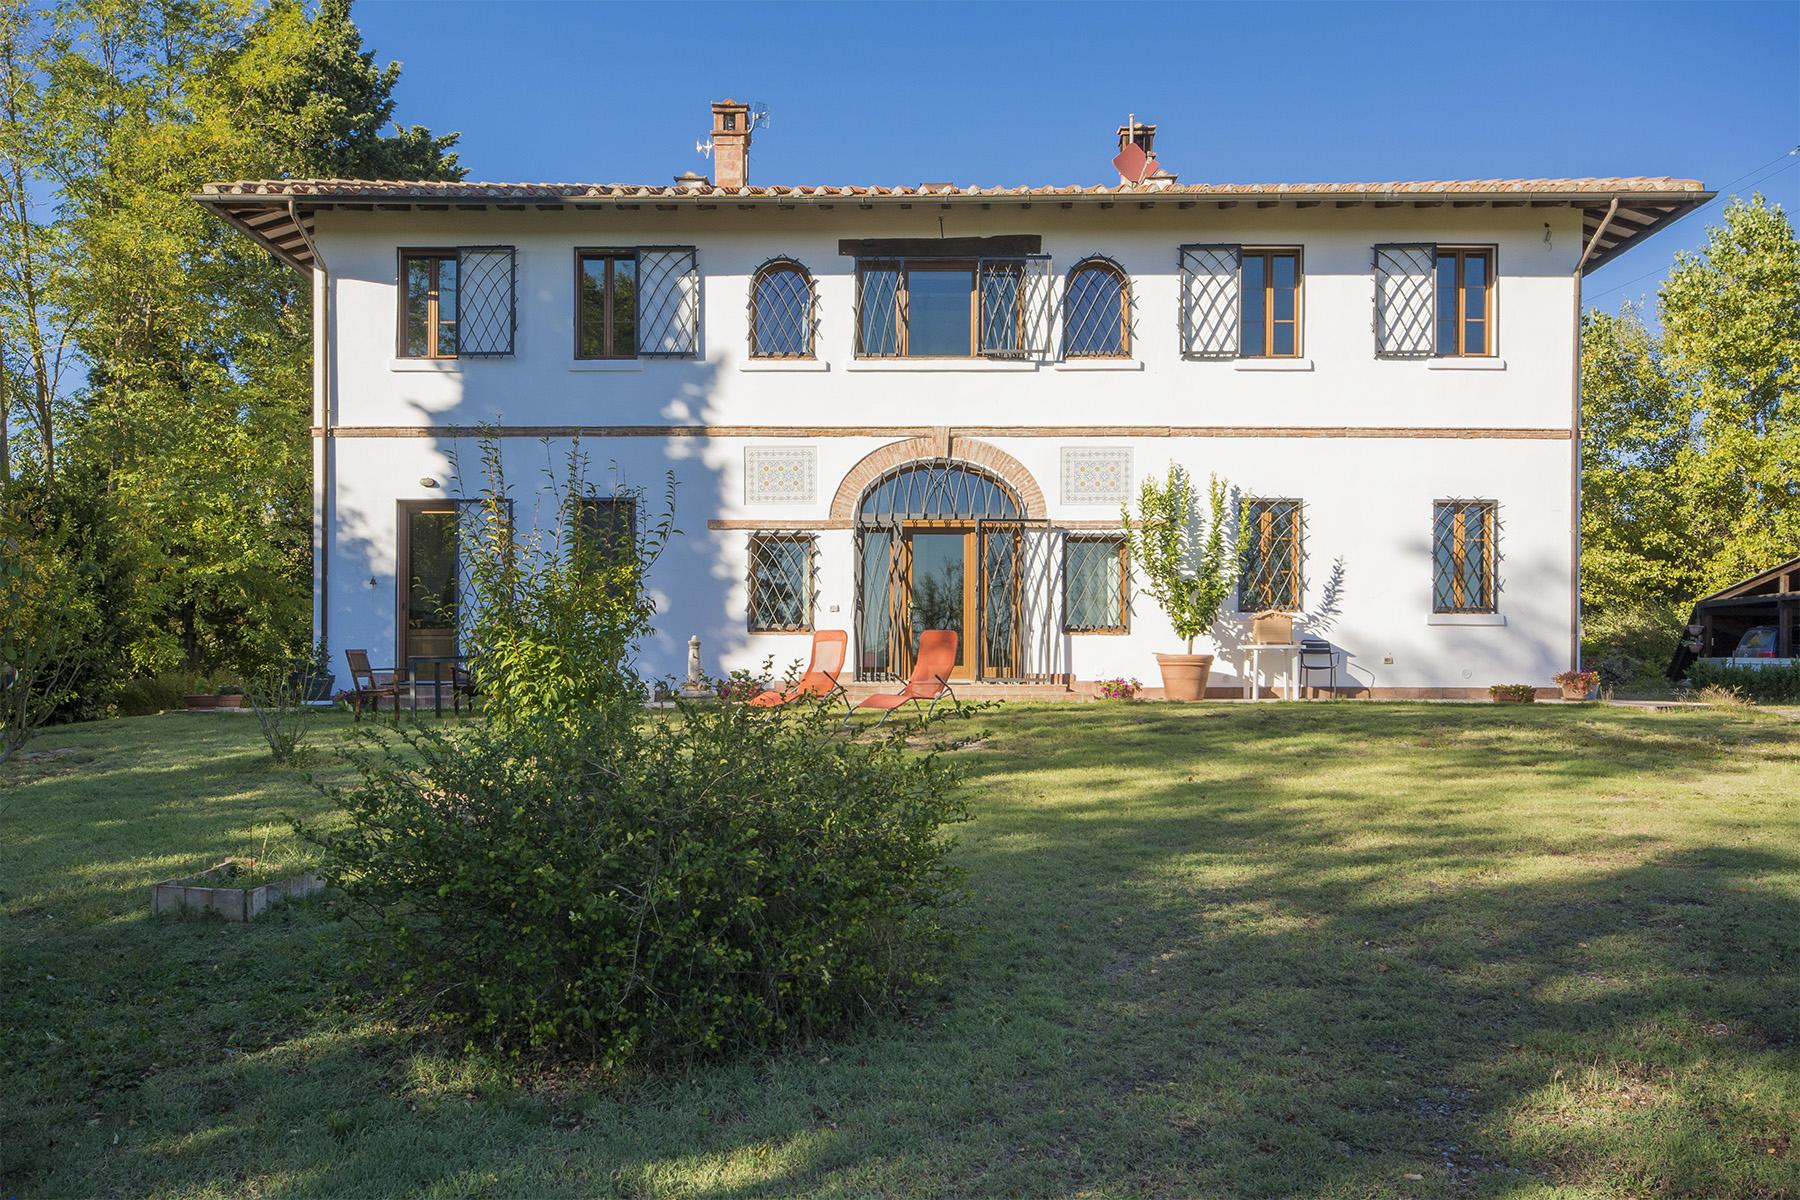 Villa in Vendita a San Miniato via località corazzano della pieve